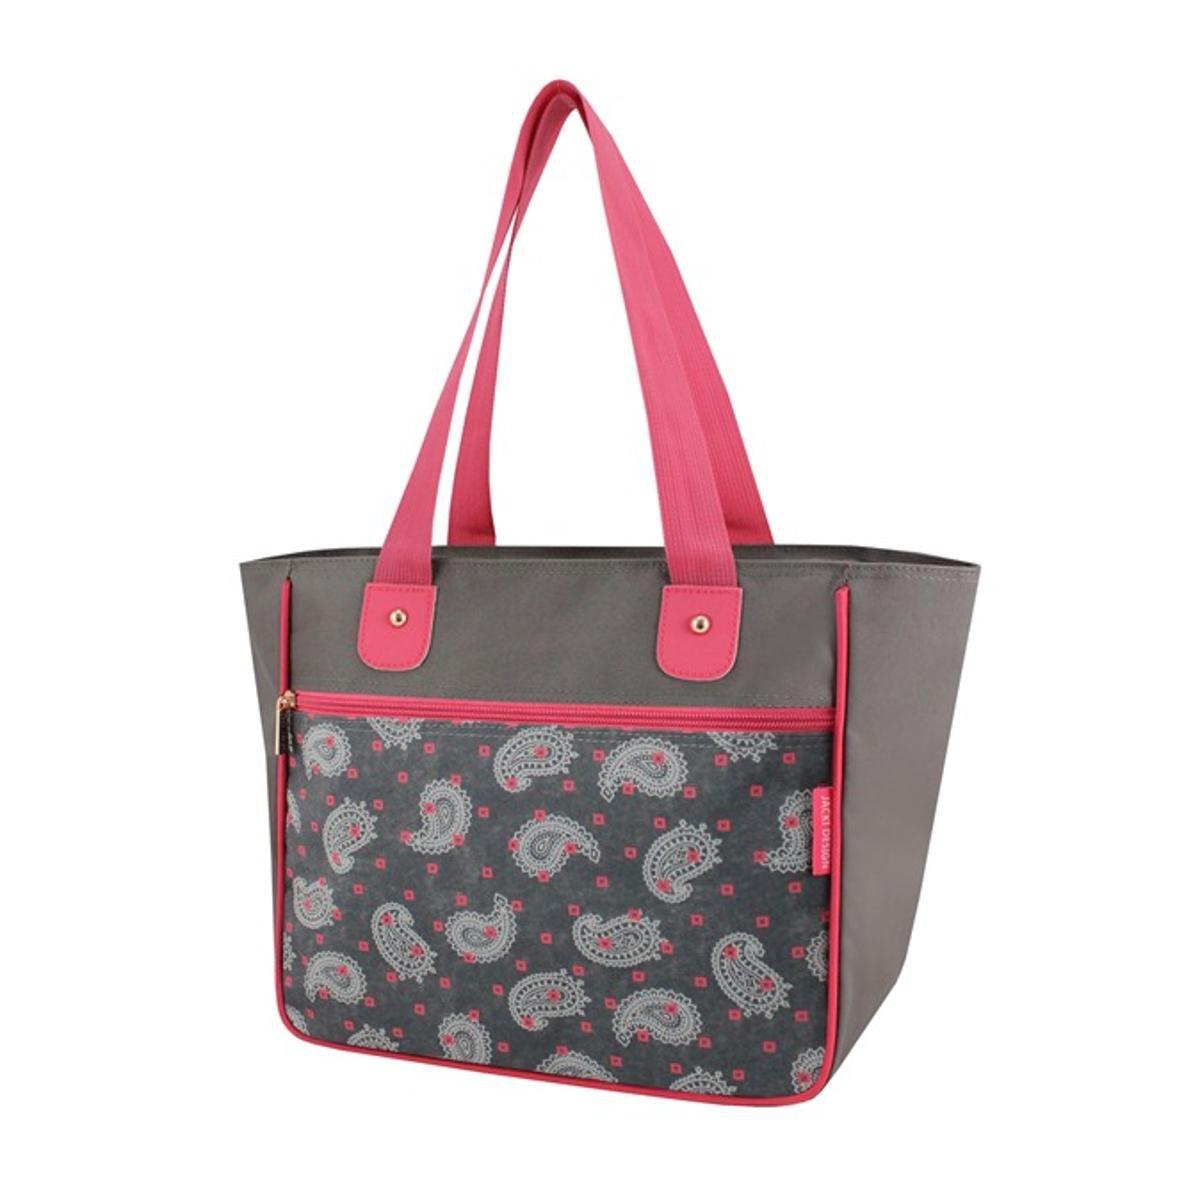 e Design Bolsa Nylon Bolsa Cinza Rosa Shopper Jacki Shopper x0BqpwSPO